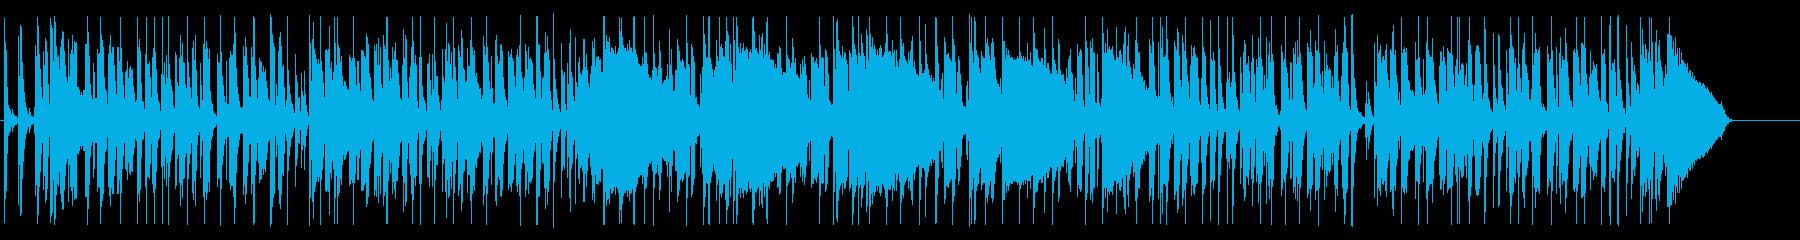 ドラムとベースのみ・ファンク系ビートの再生済みの波形